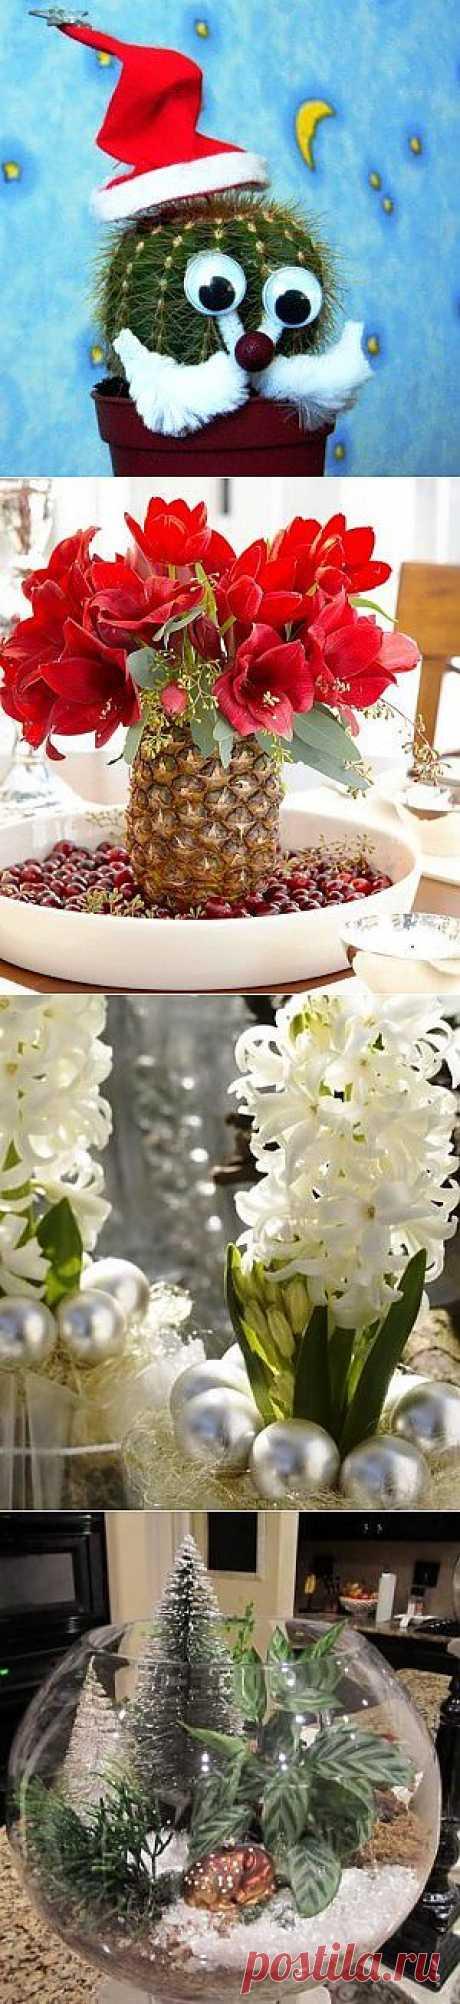 Новогодний декор из комнатных растений